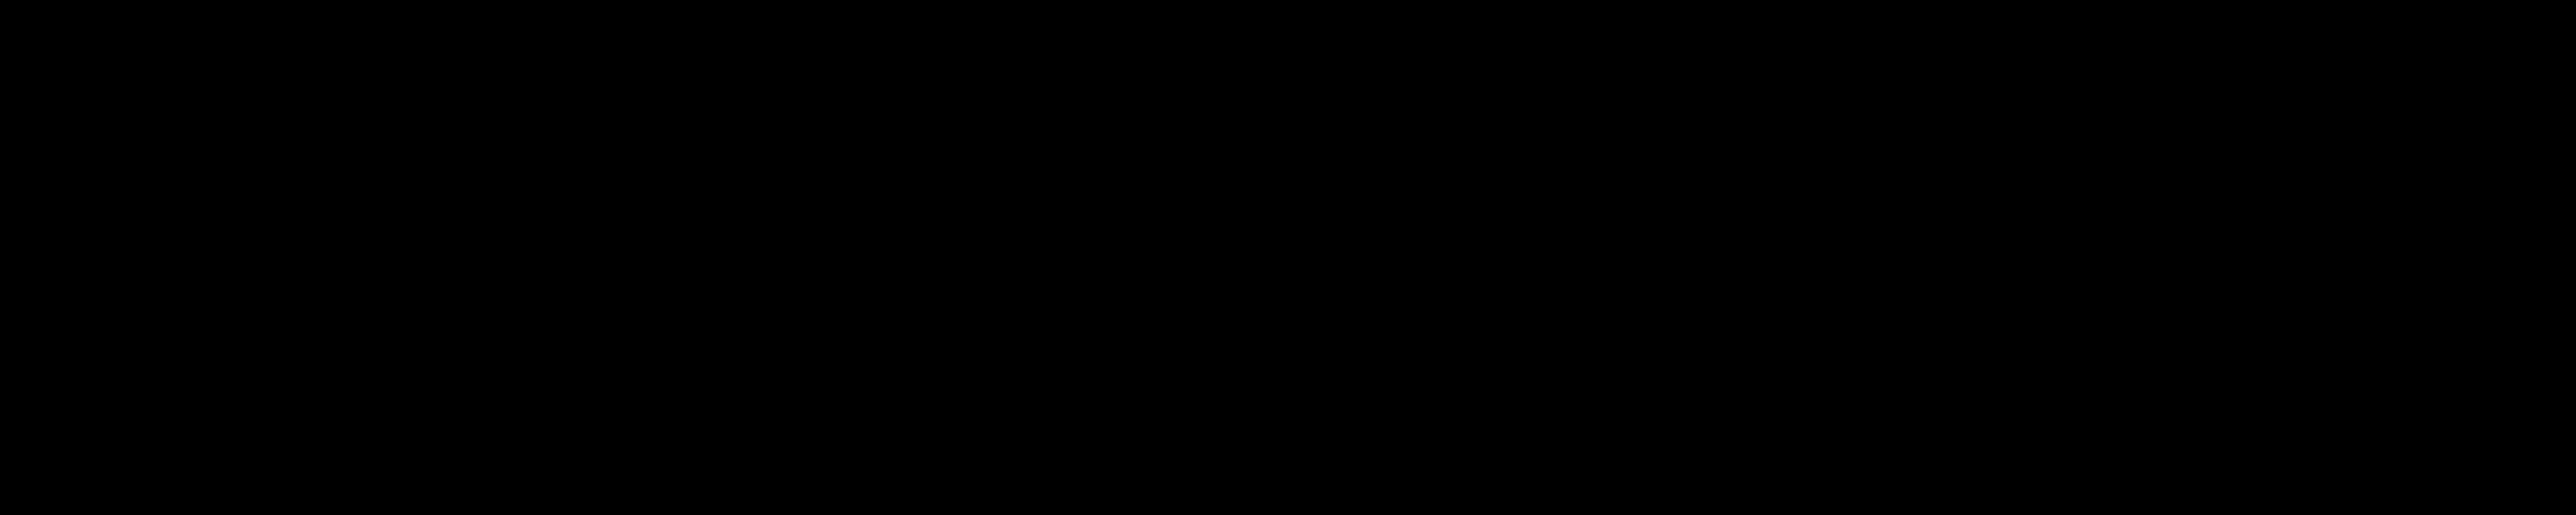 Seiko logo wordmark